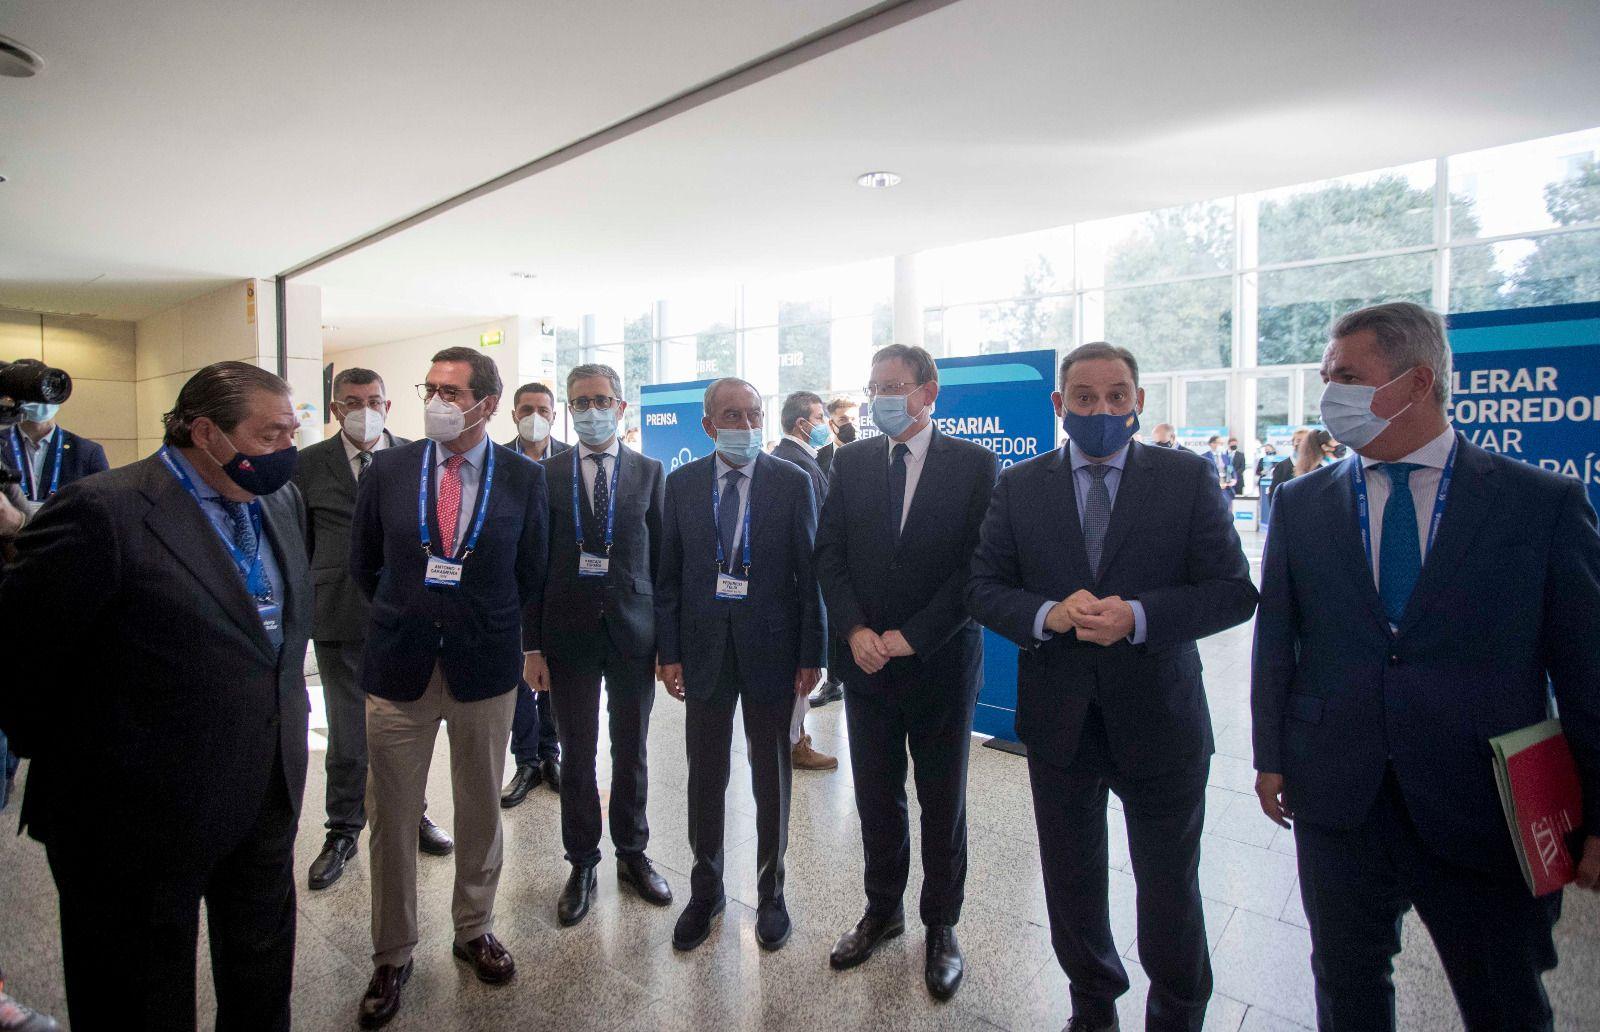 Empresarios y políticos se han dado cita en el evento de #QuieroCorredor